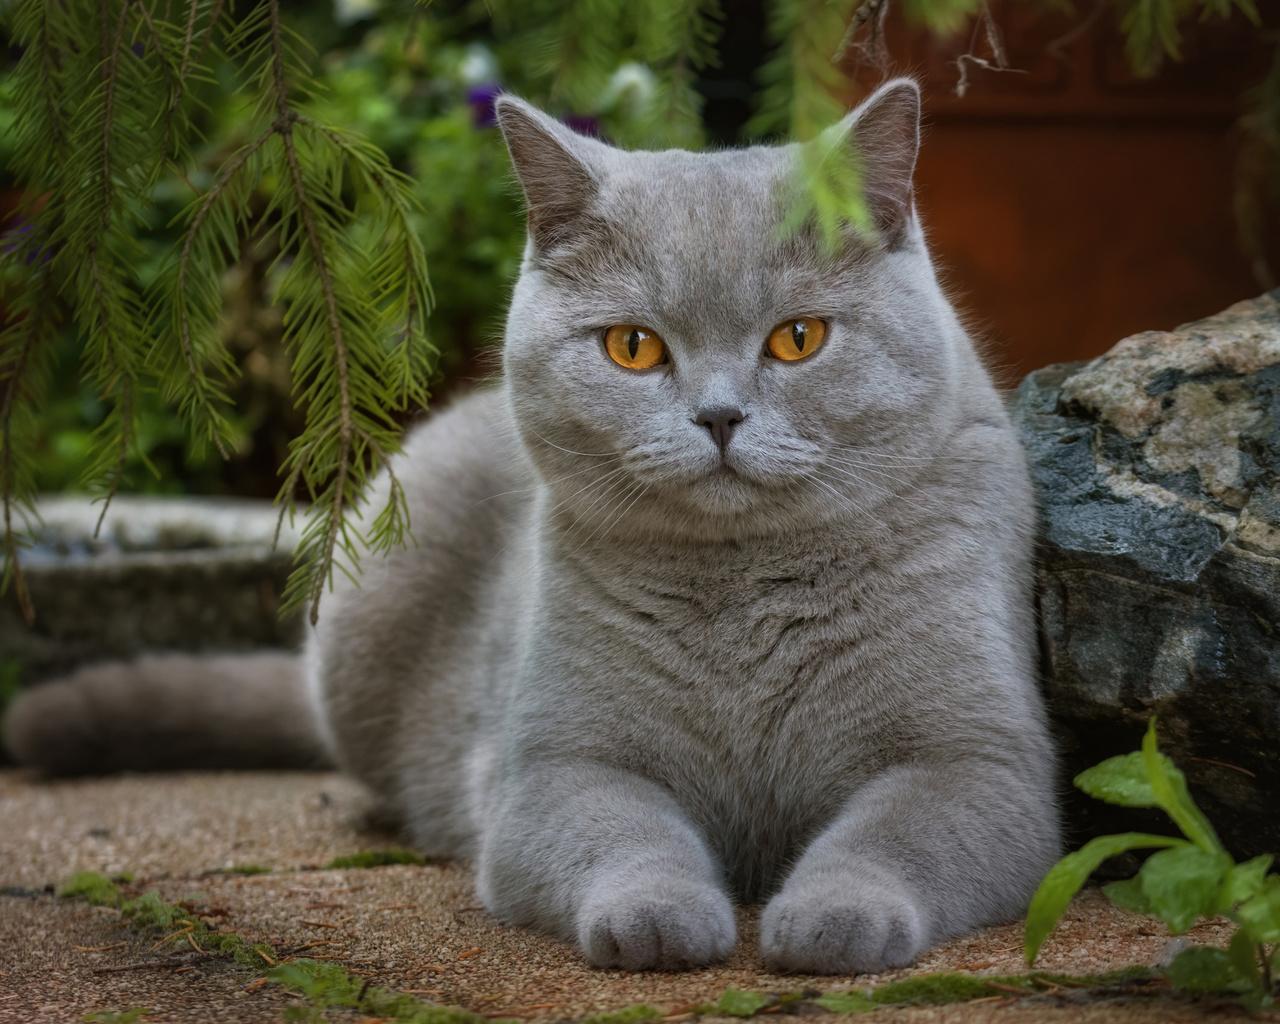 красивый, серый, кот, возле, веточек, ели